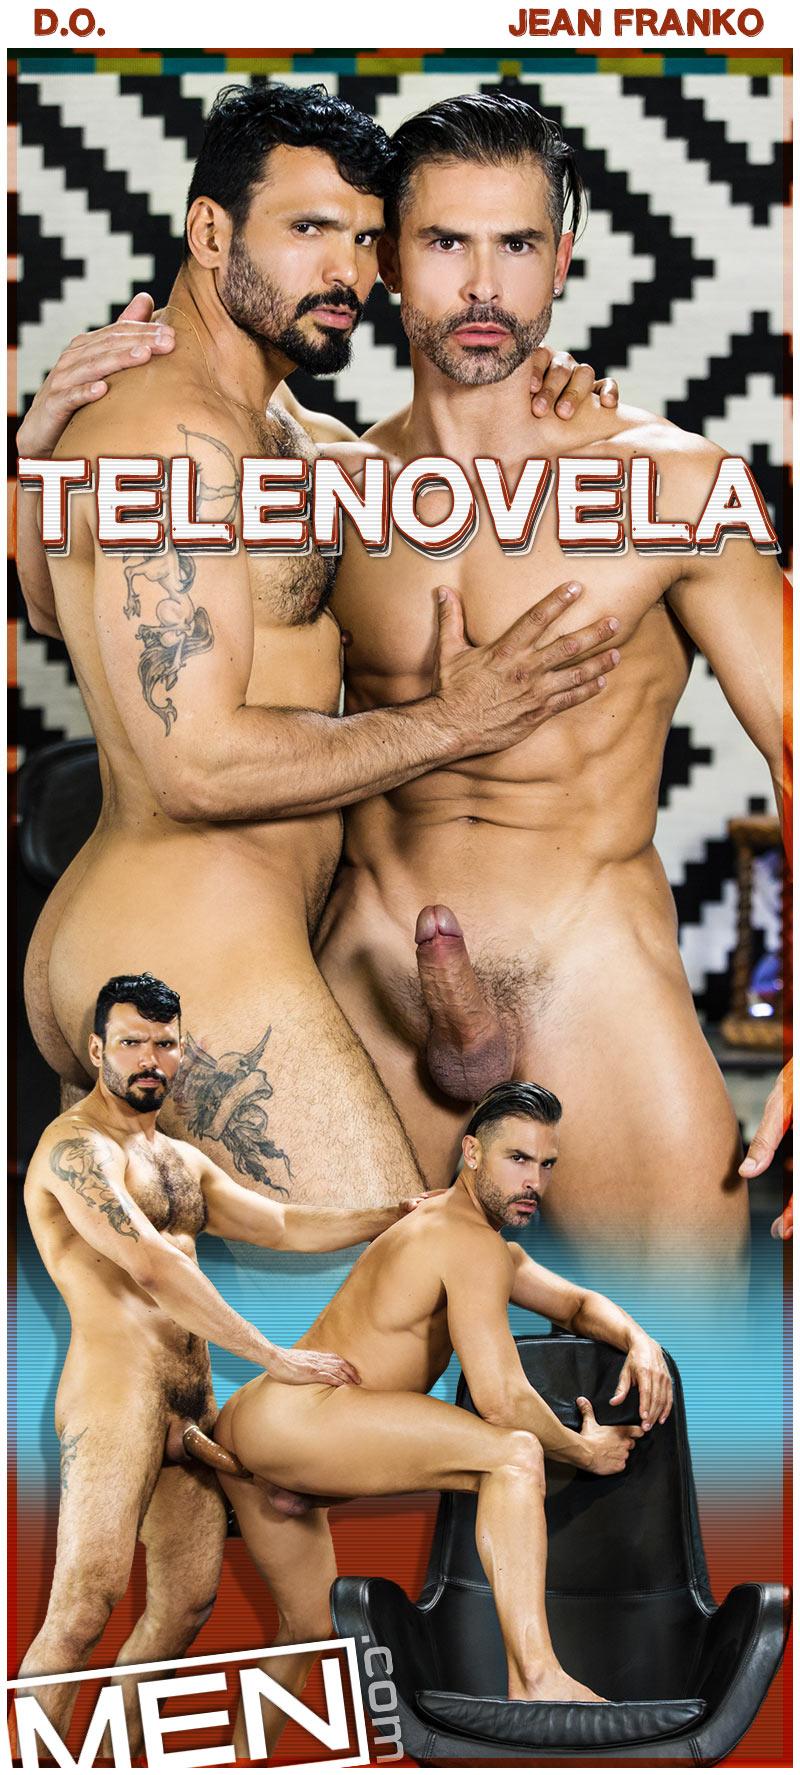 Telenovela, Part Three (D.O. and Jean Franko Flip-Fuck) at Drill My Hole